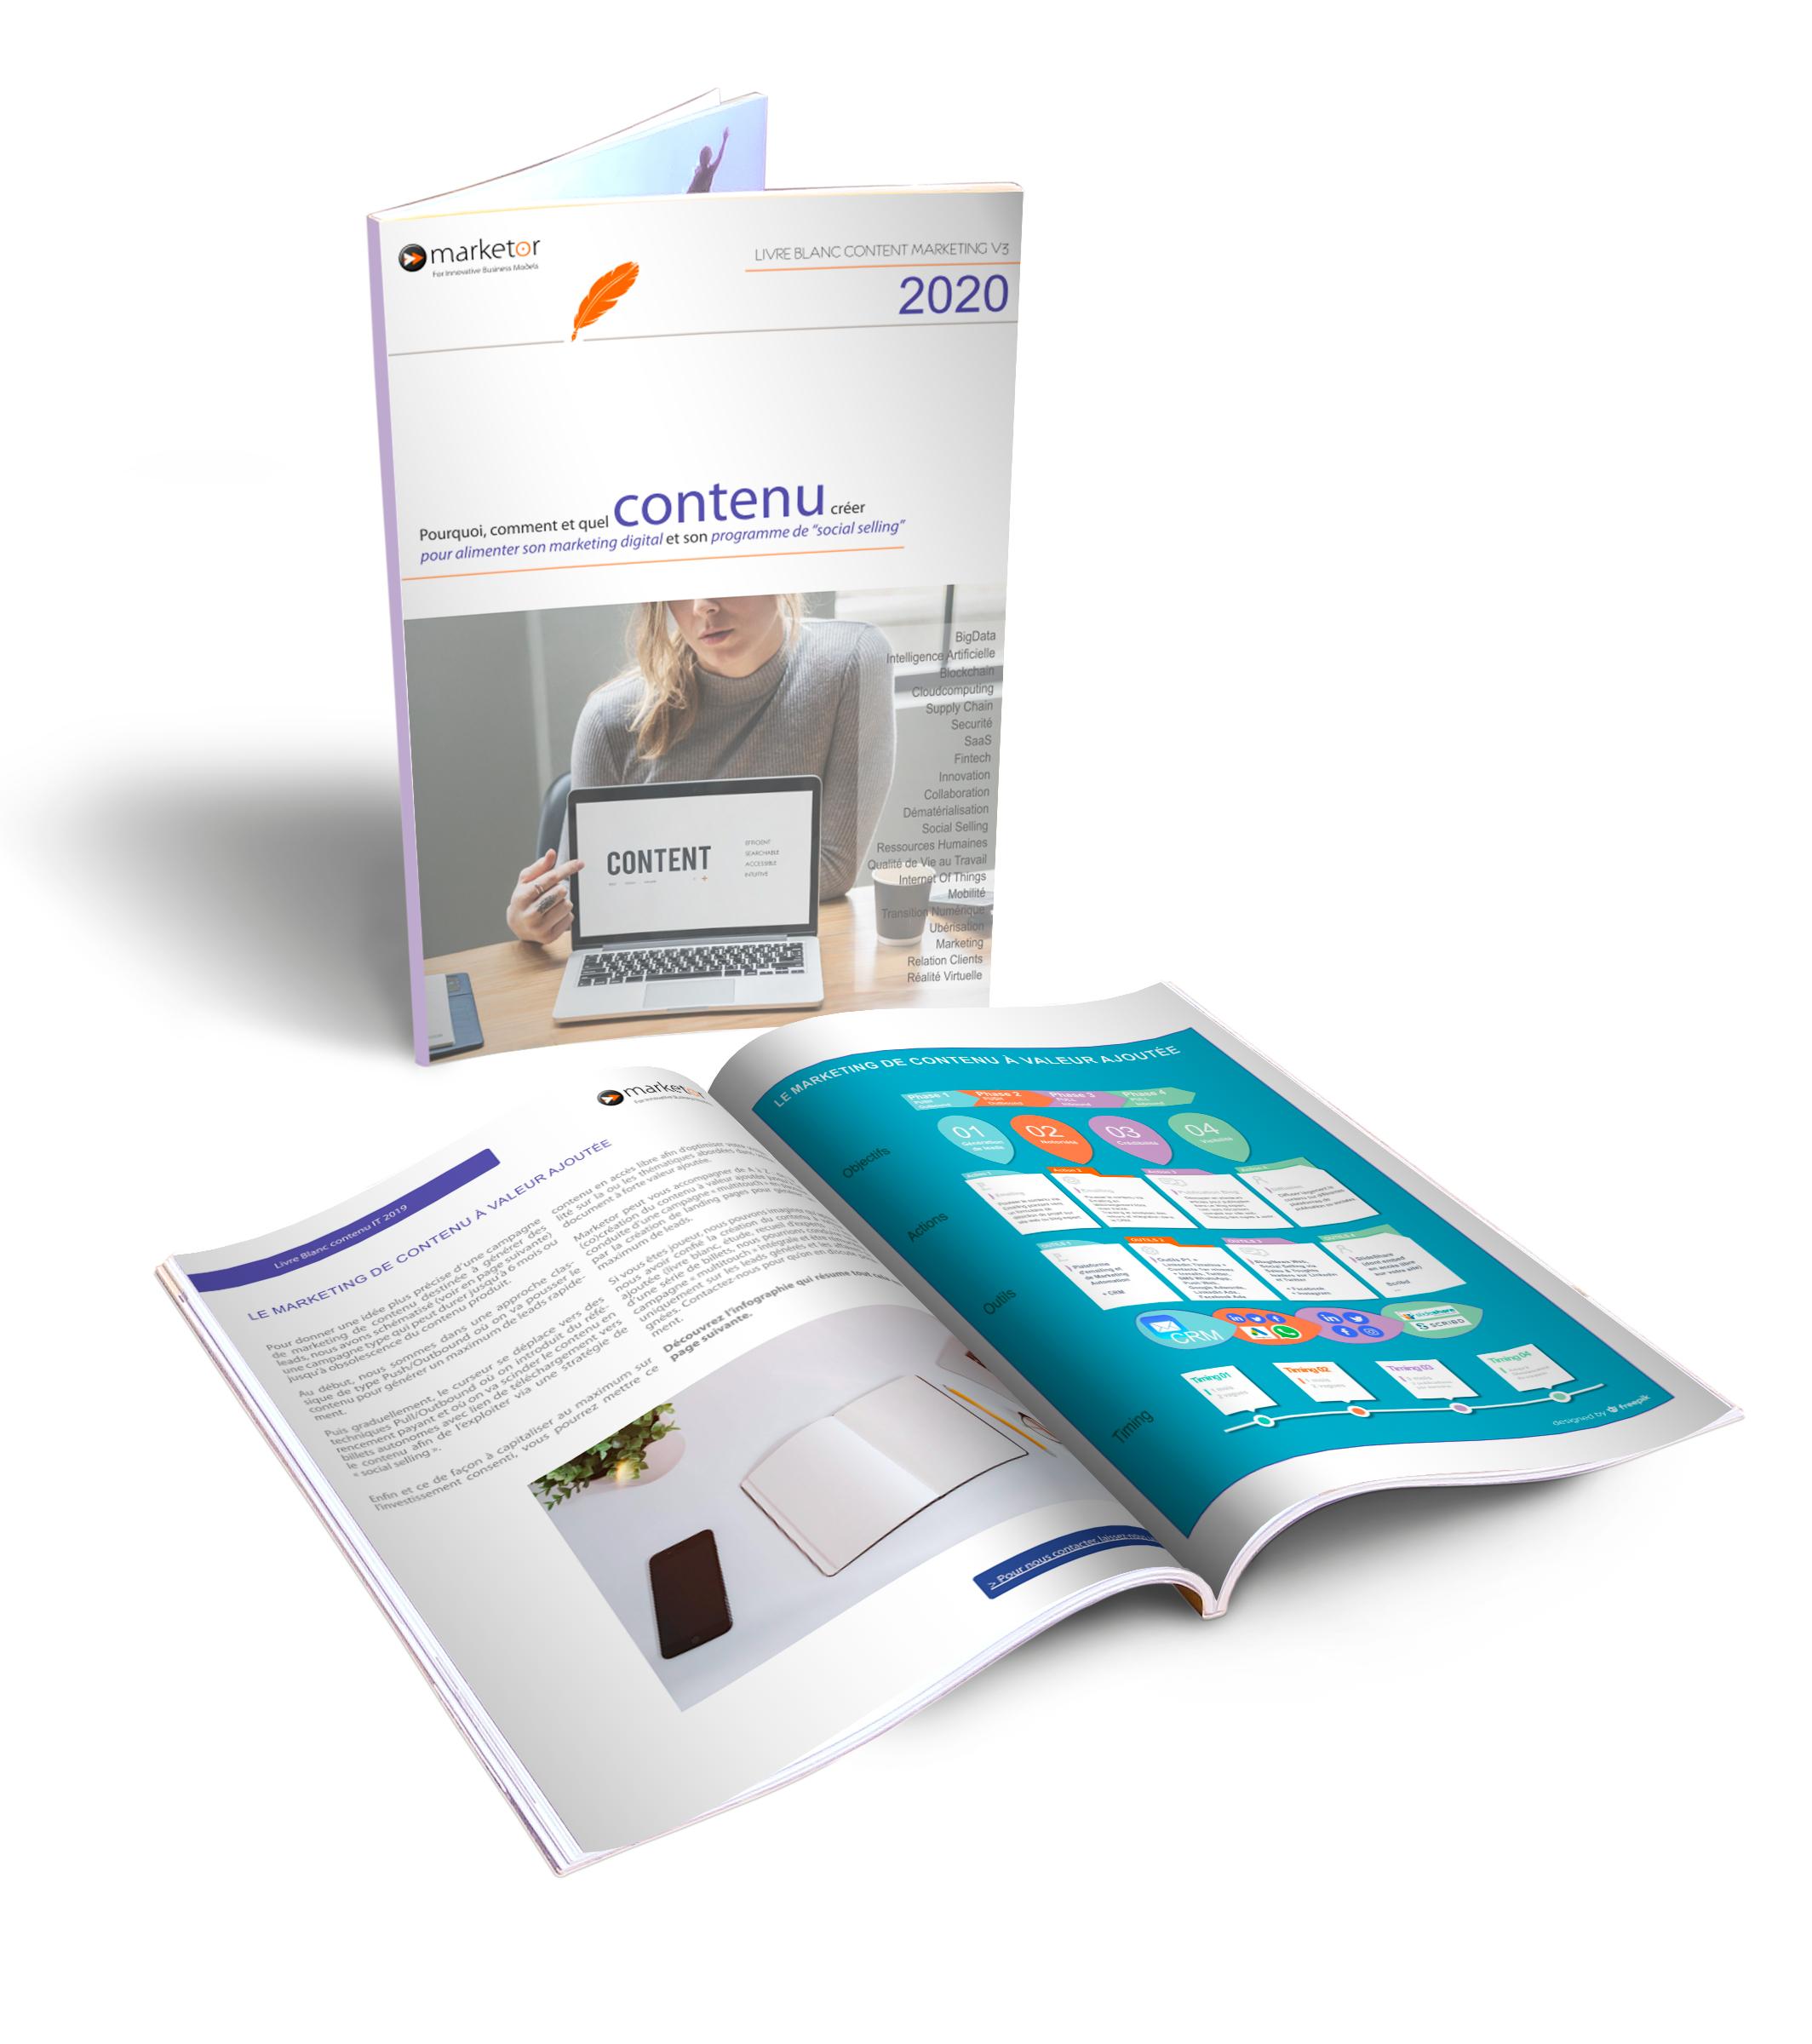 guide contenu 2020